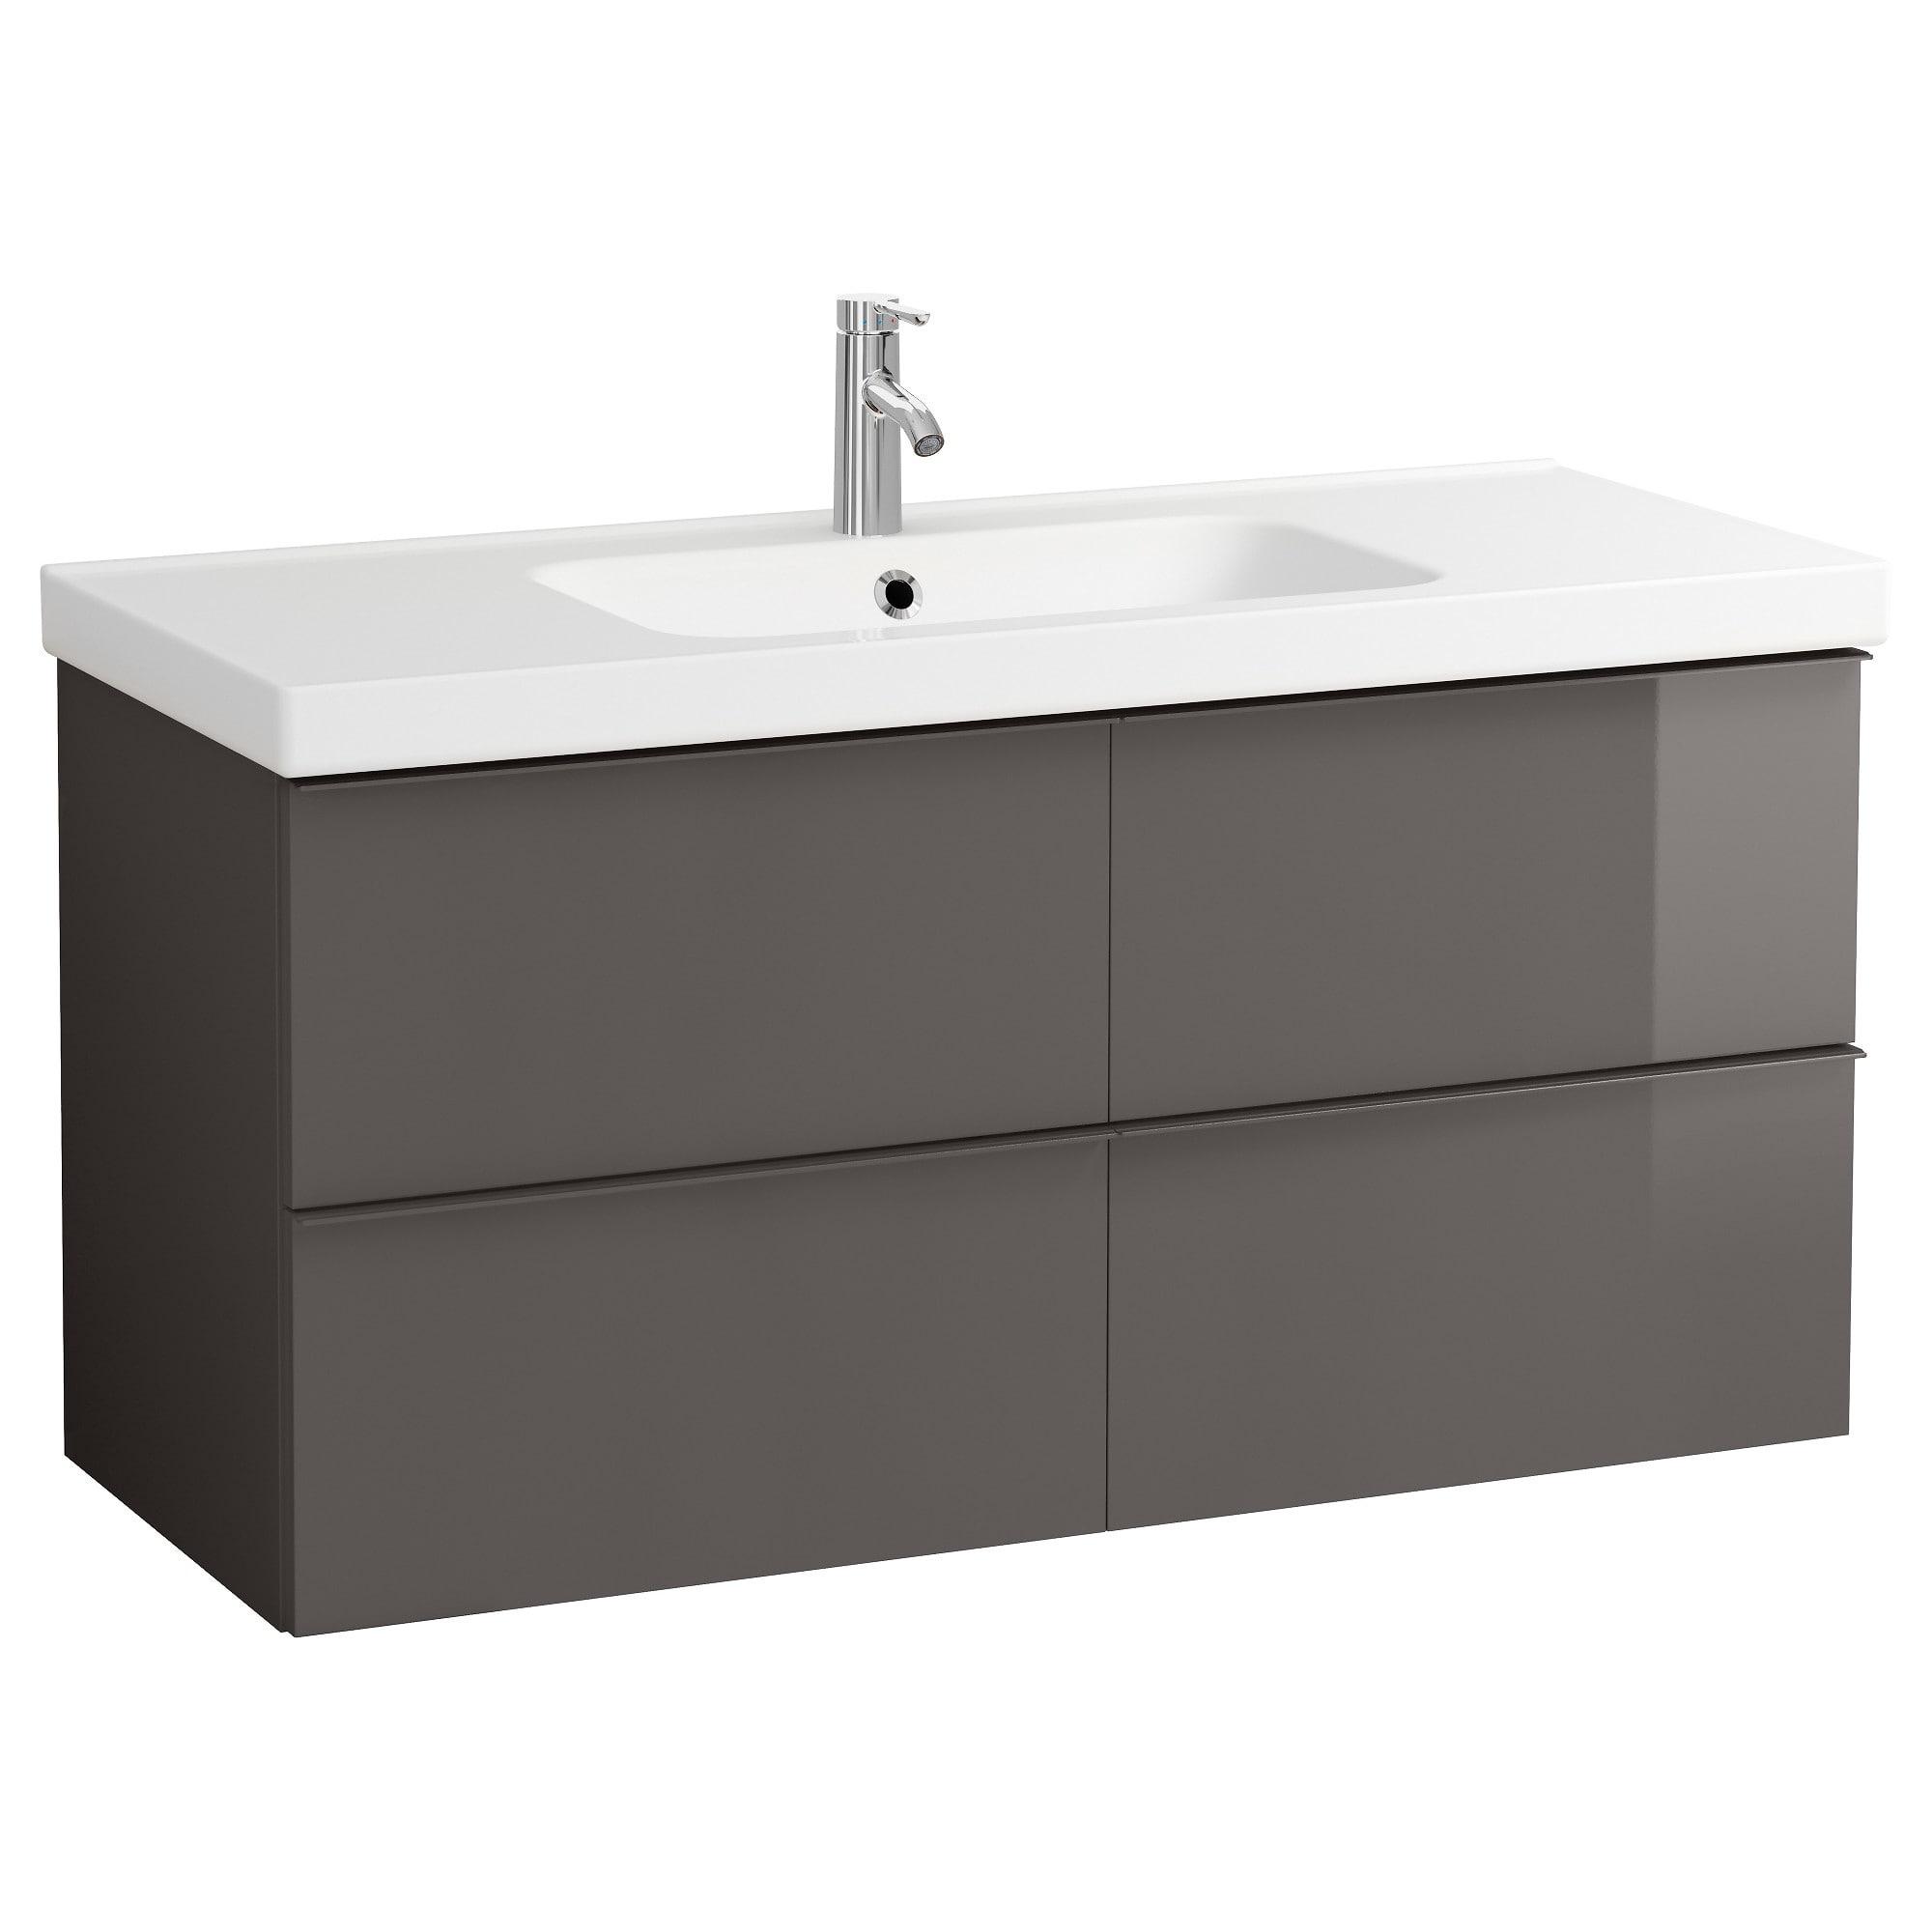 Mueble Para Lavabo De Pie D0dg Muebles De Baà O Y Lavabo Pra Online Ikea